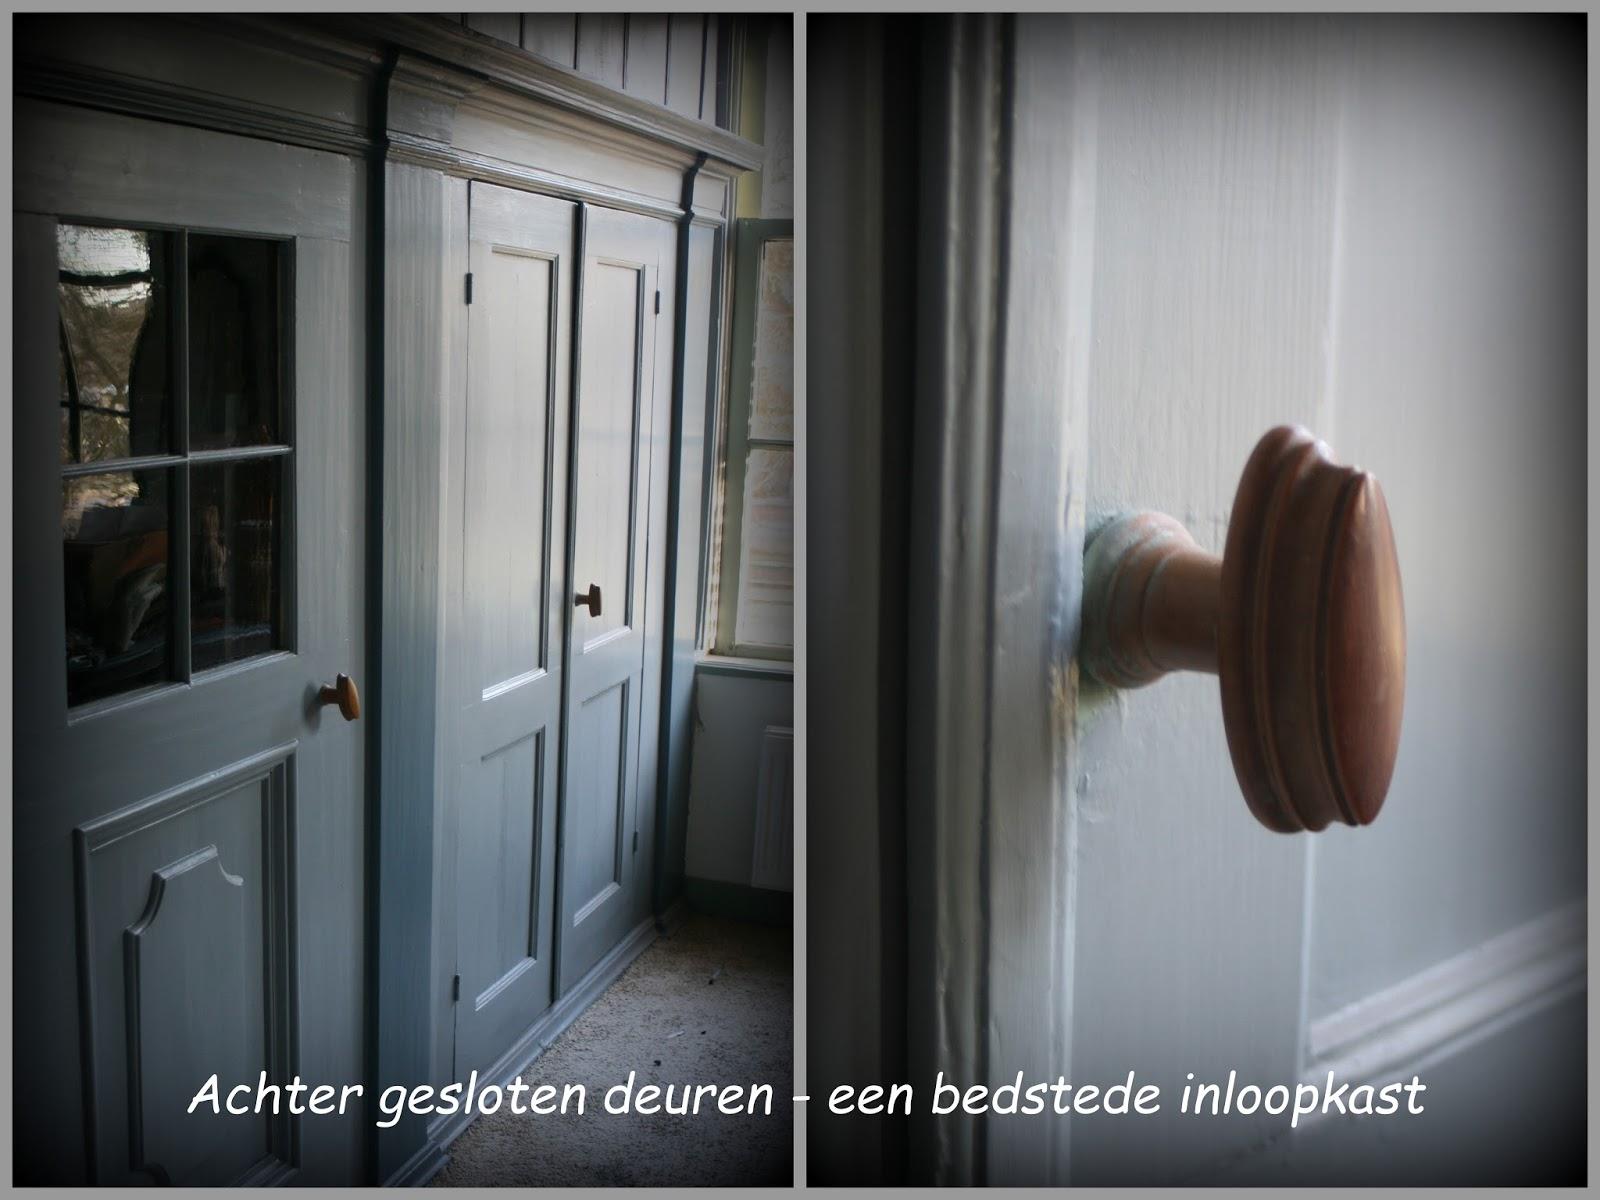 Greftenhus oan e ie achter gesloten deuren for Net 5 achter gesloten deuren